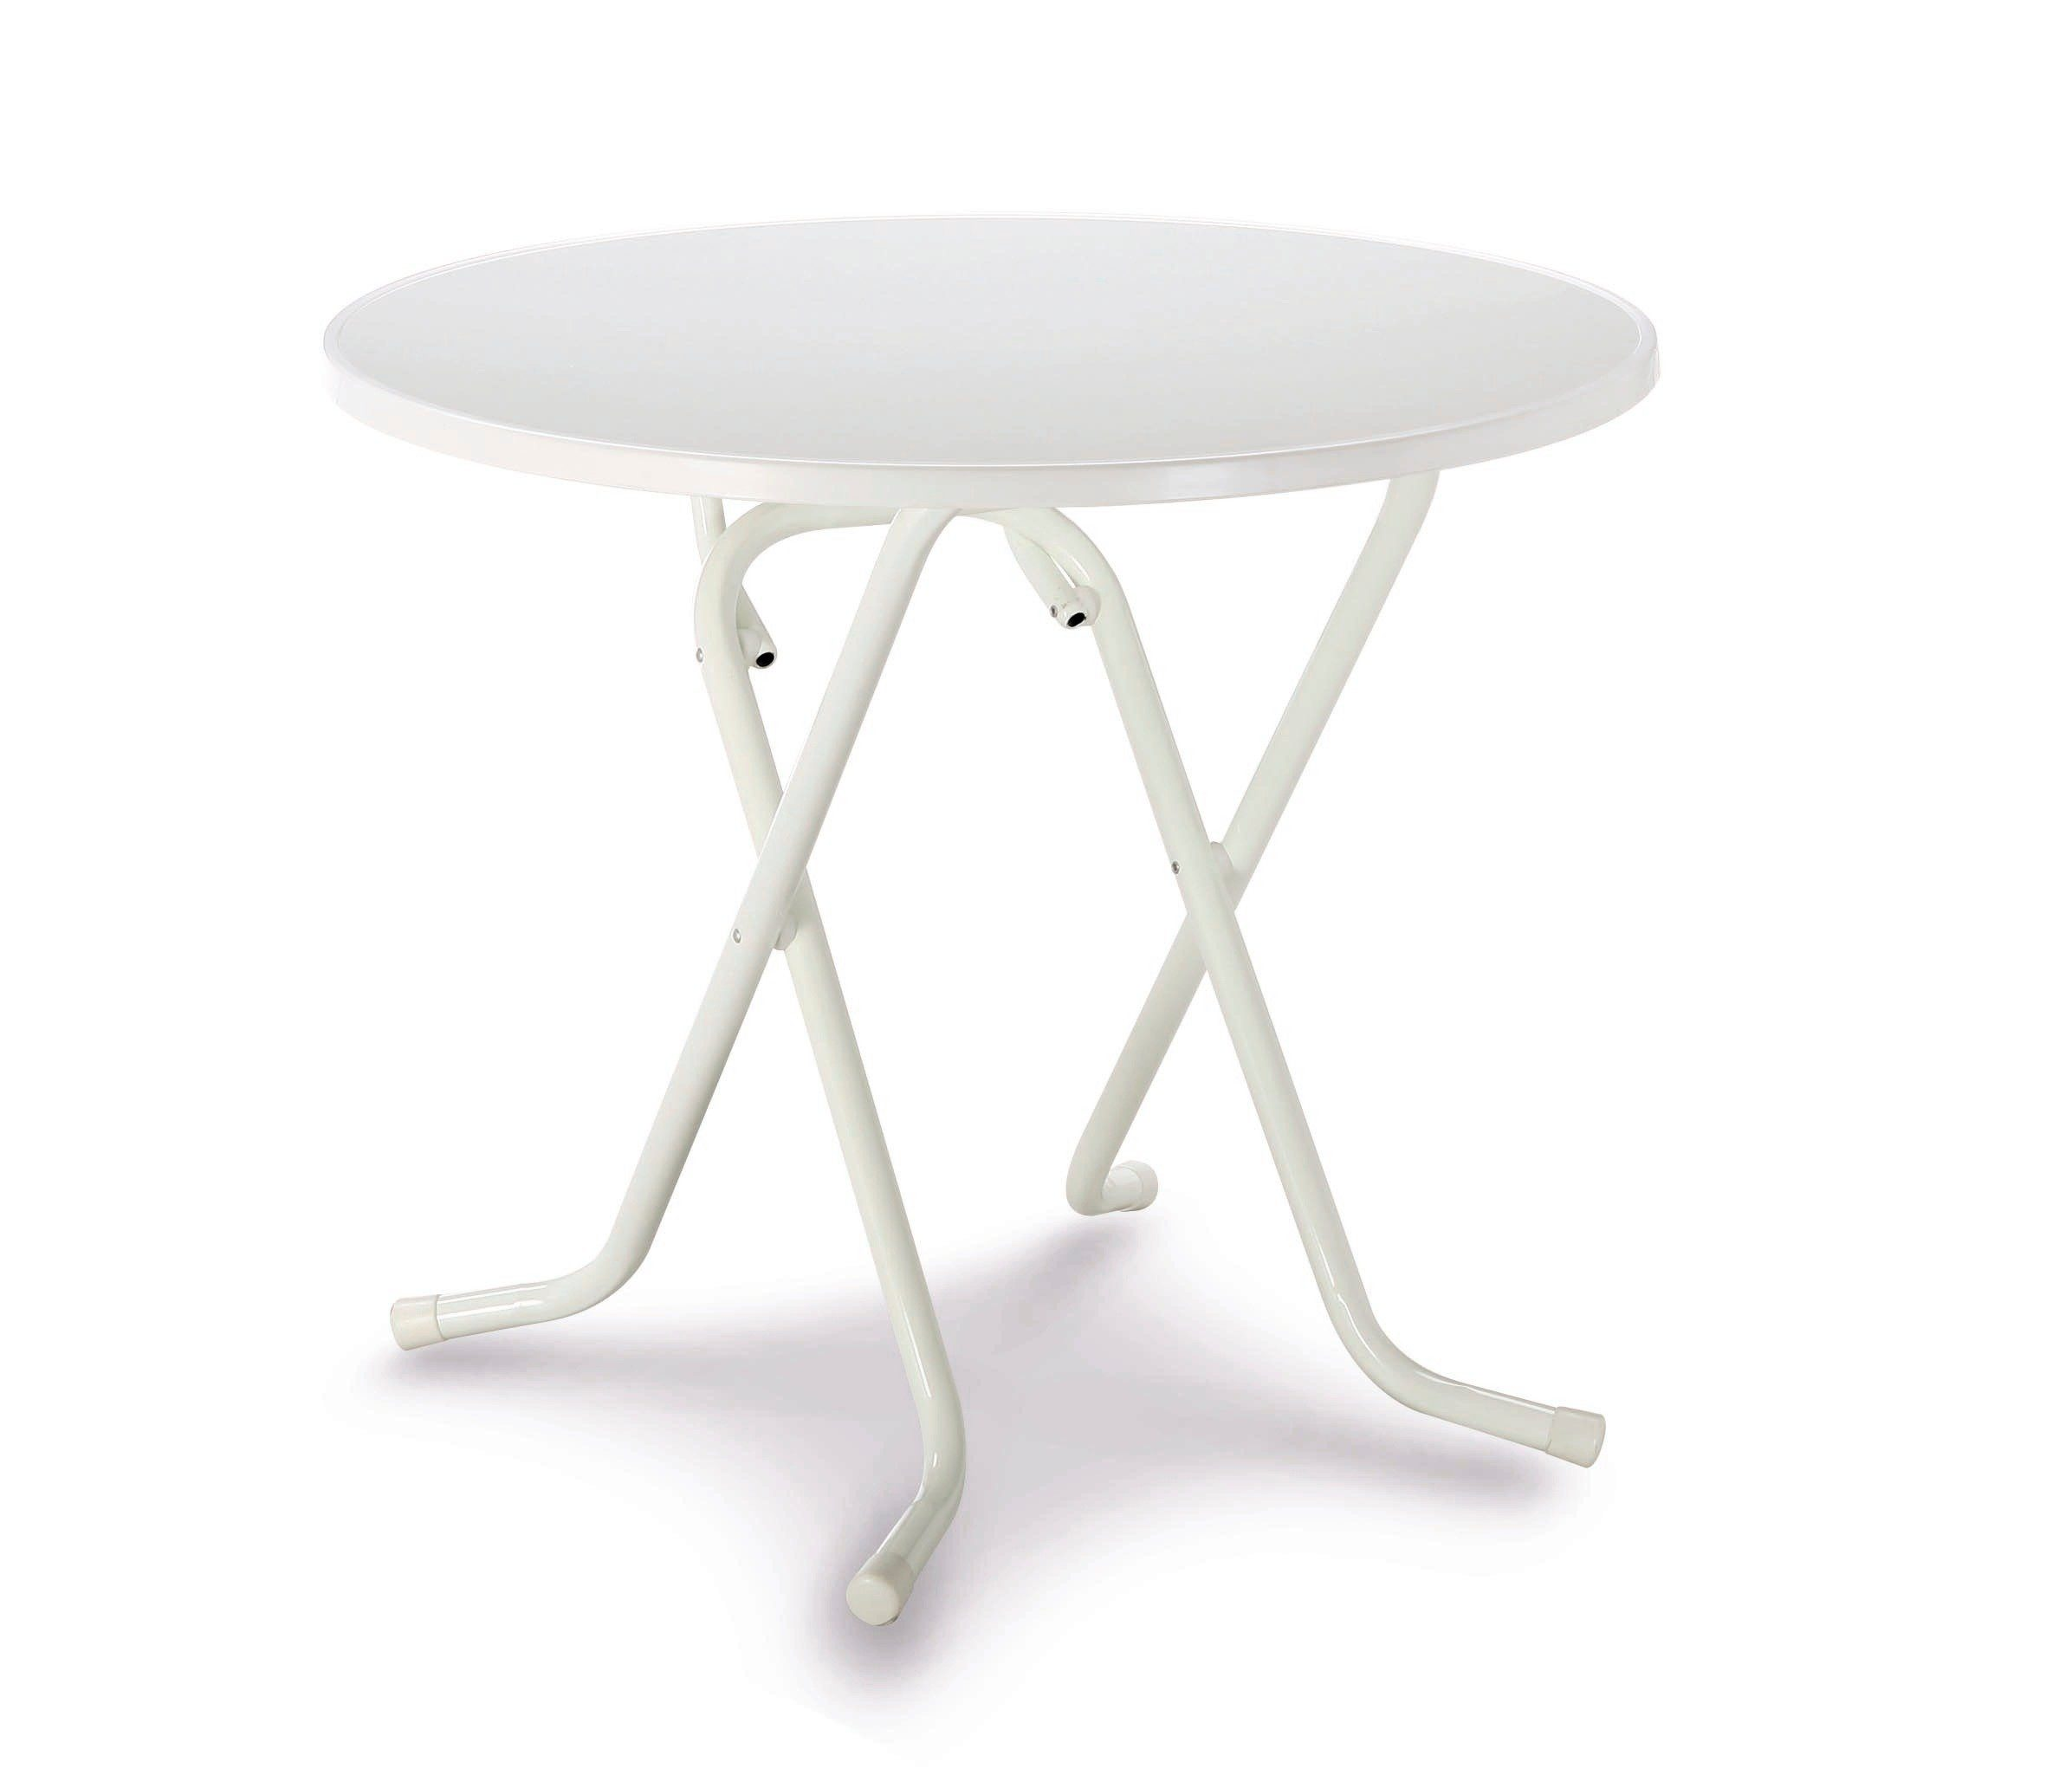 BEST Gartentisch , Stahl/Kunststoff, klappbar, Ø 80 cm, weiß